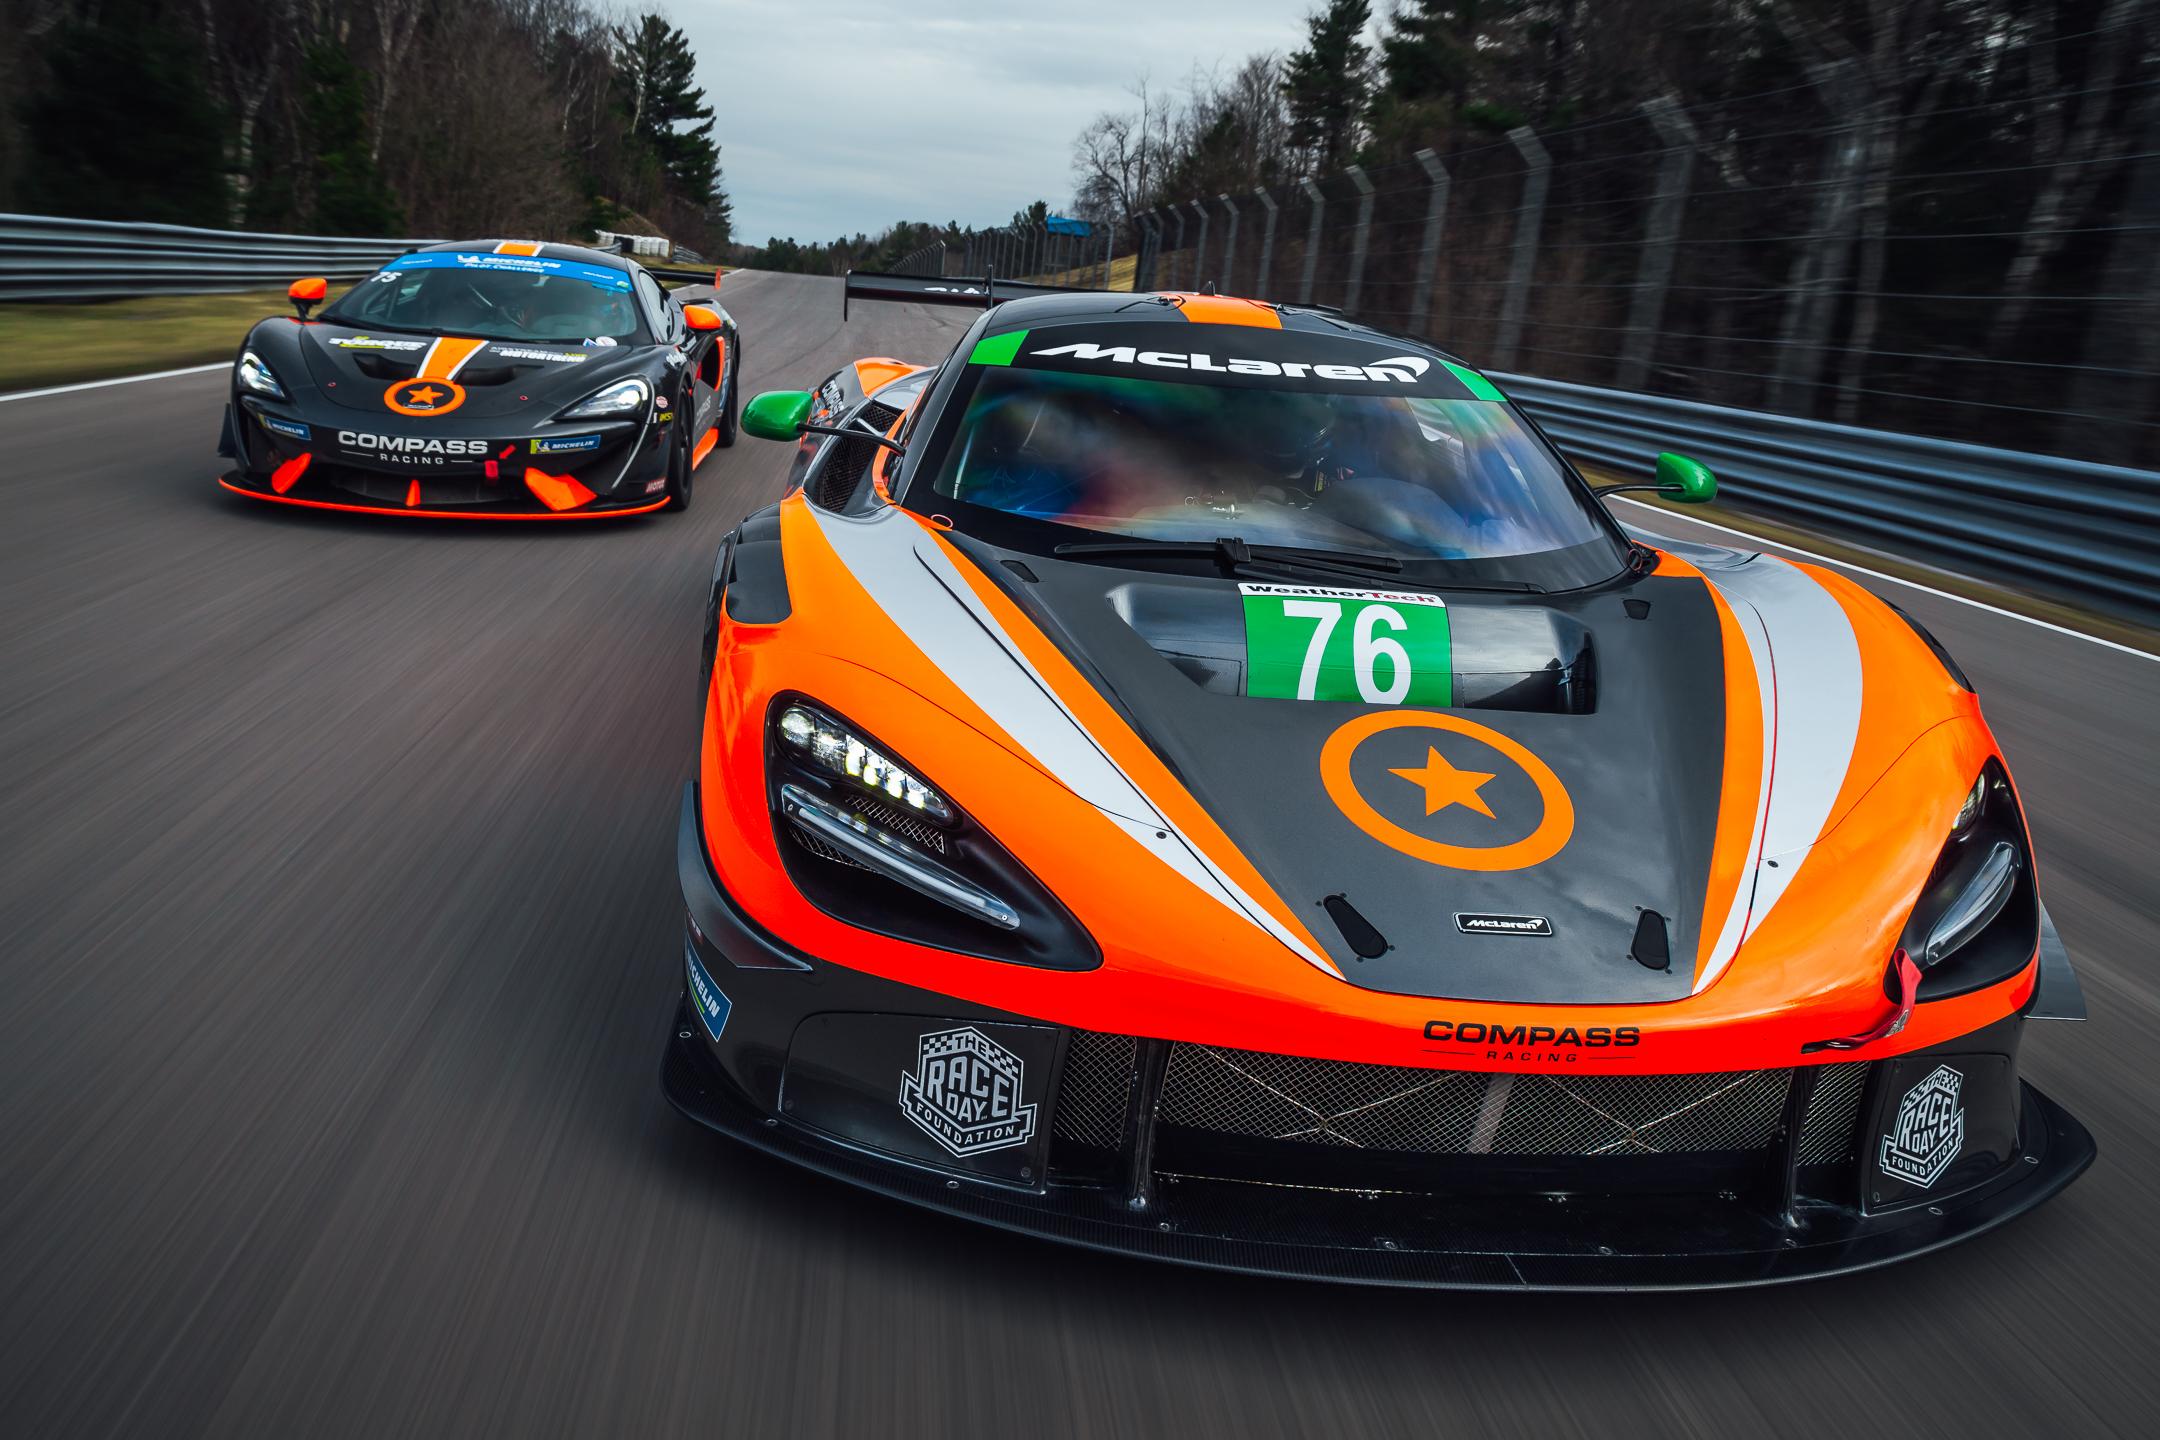 McLaren 720S GT3 - Compass Racing-8645.jpg